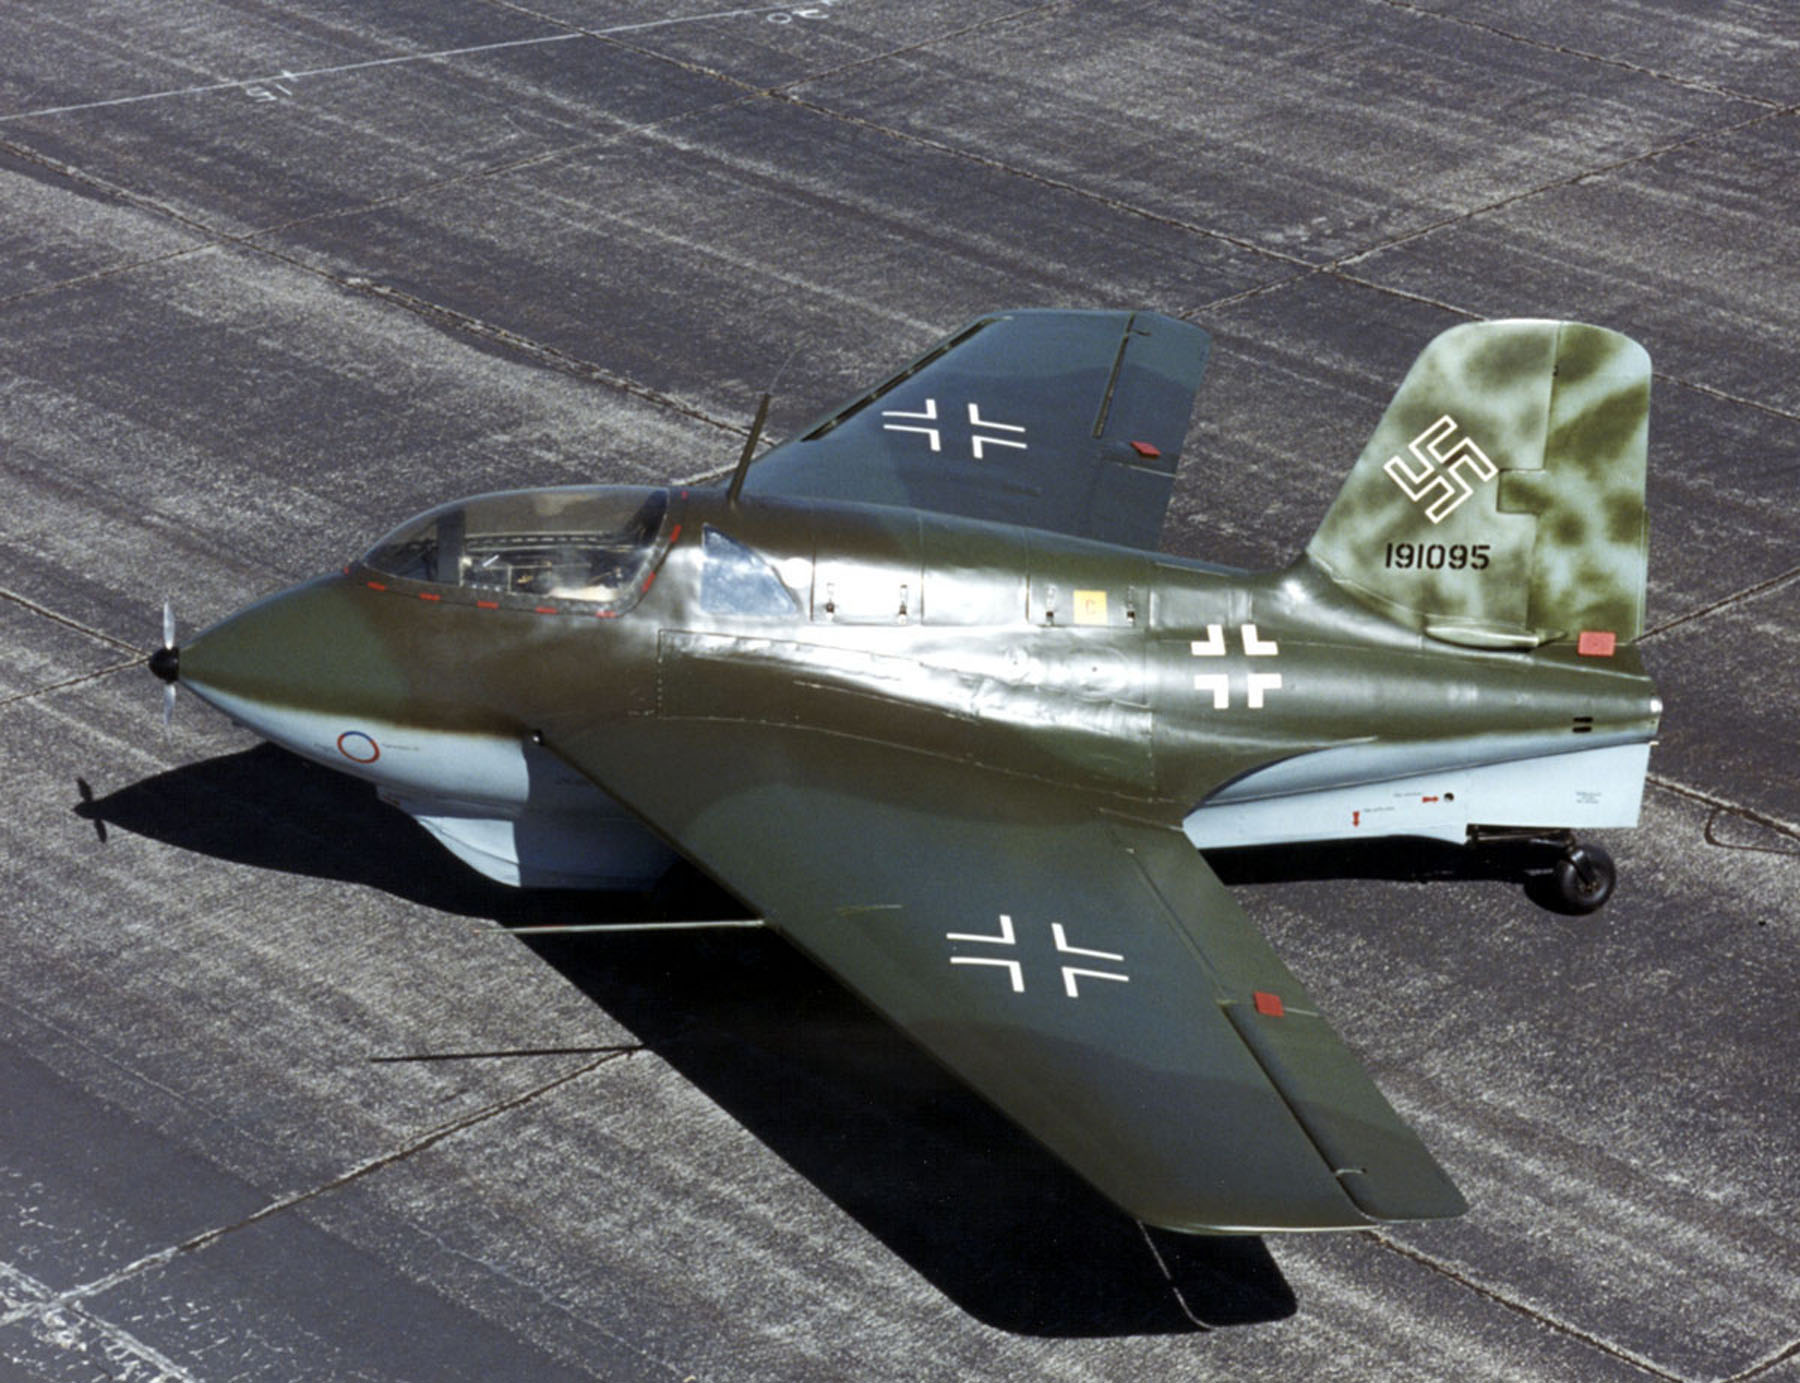 Messerschmitt Me 163 Komet